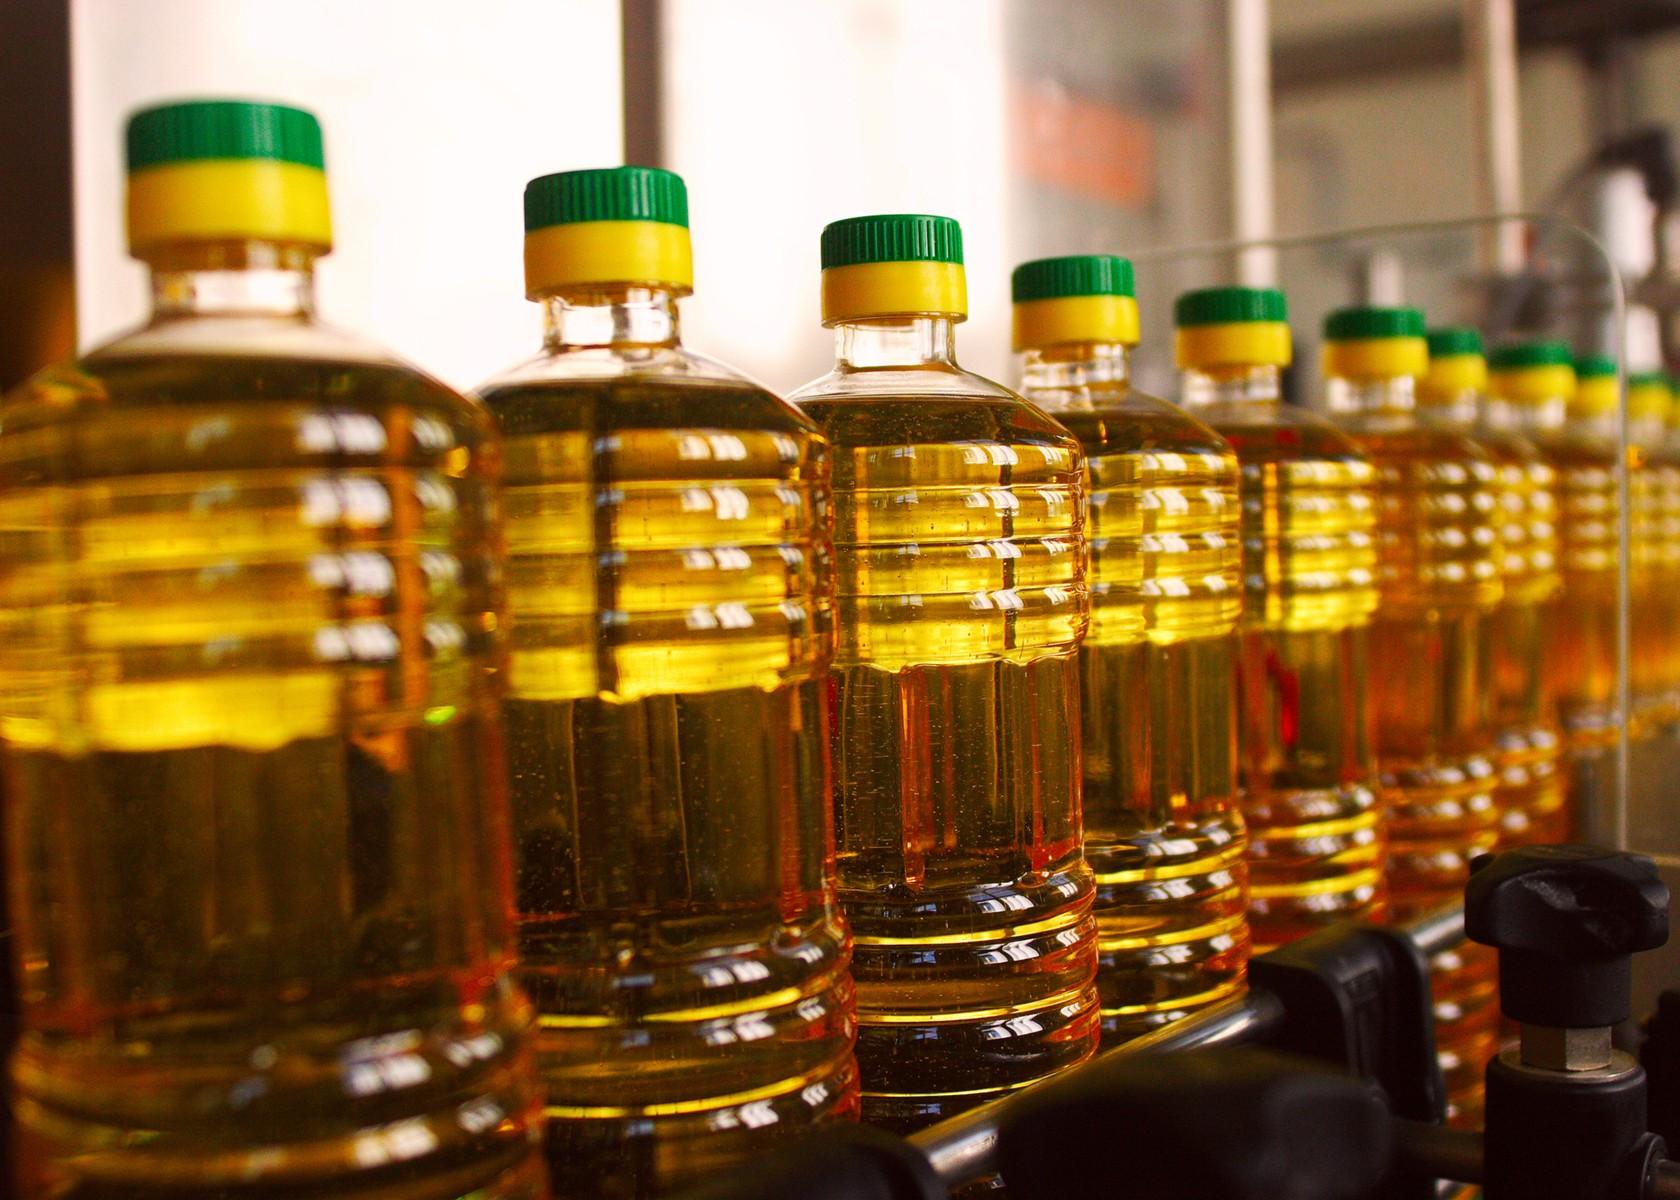 Сахар подешевеет в Тверской области, а масло может подорожать